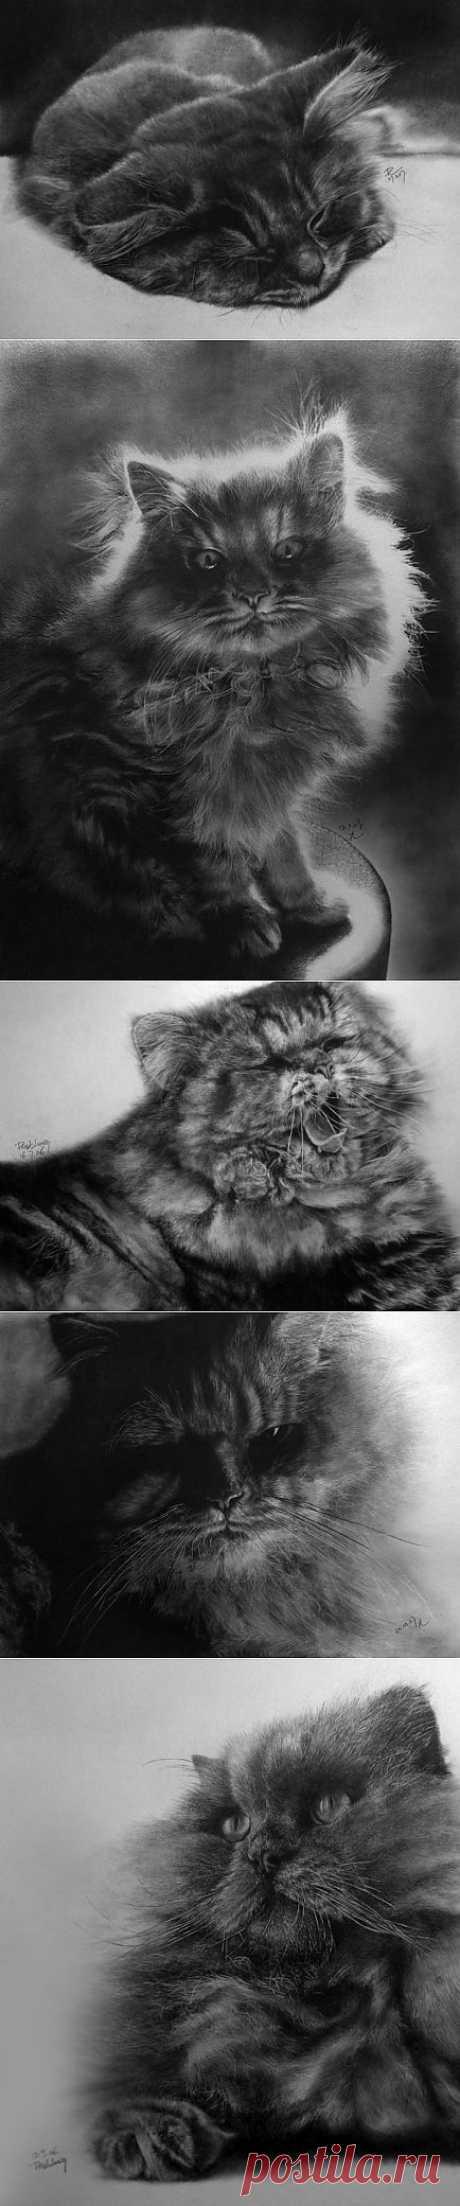 В своих работах Paul Lung использует только ватман и карандаш. Даже  ластика не находится возле него, потому что он не используется! Все  рисунки могут выполняться даже в течение 60 часов, но результат стоит  всех ожиданий и даже более того. Особенно выделилась серия работ с  кошками, излюбленными животными большинства почитателей чудесного.